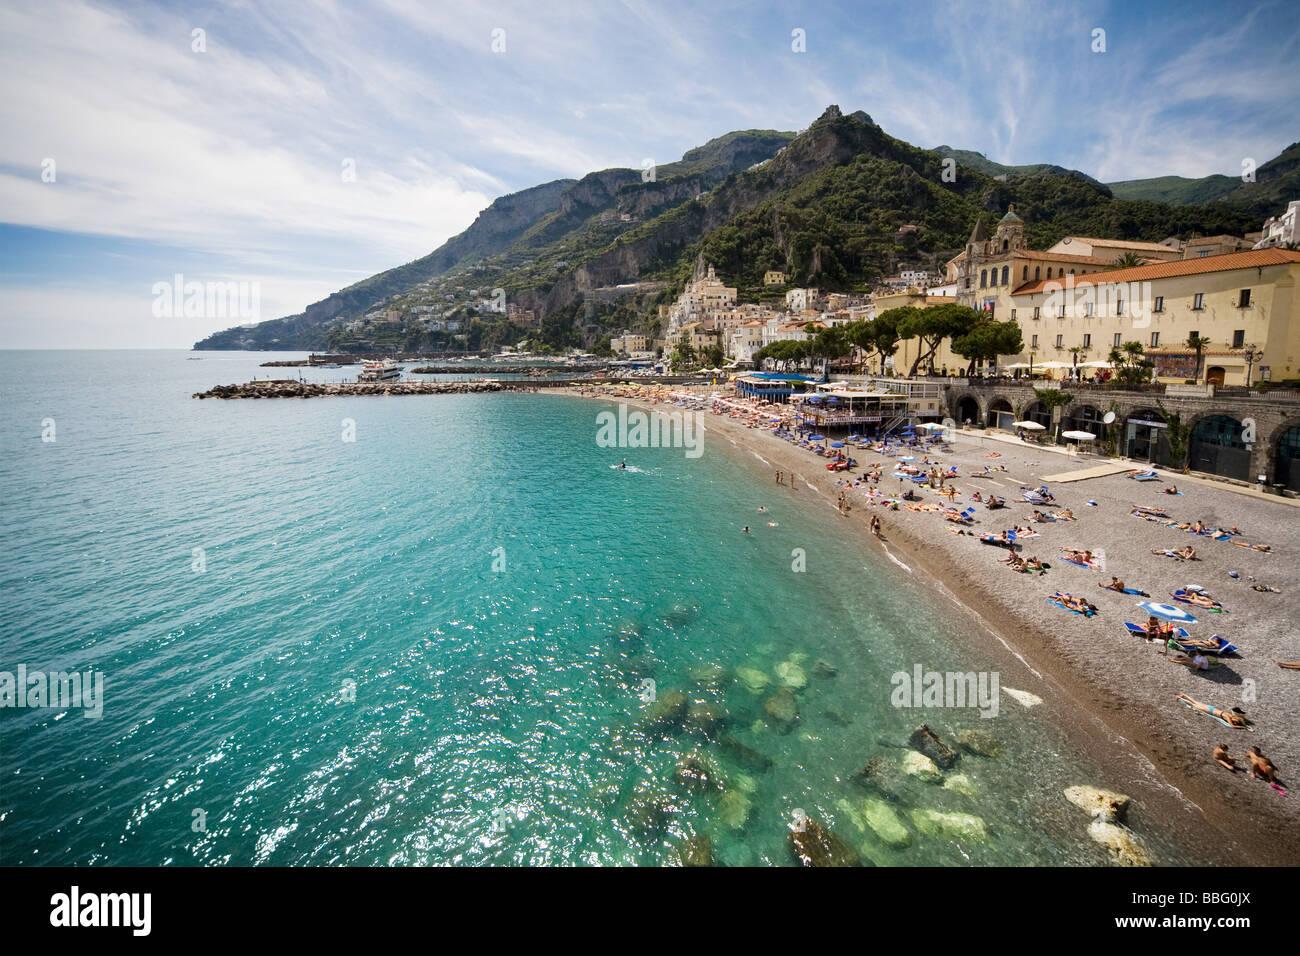 Amalfi coast - Stock Image